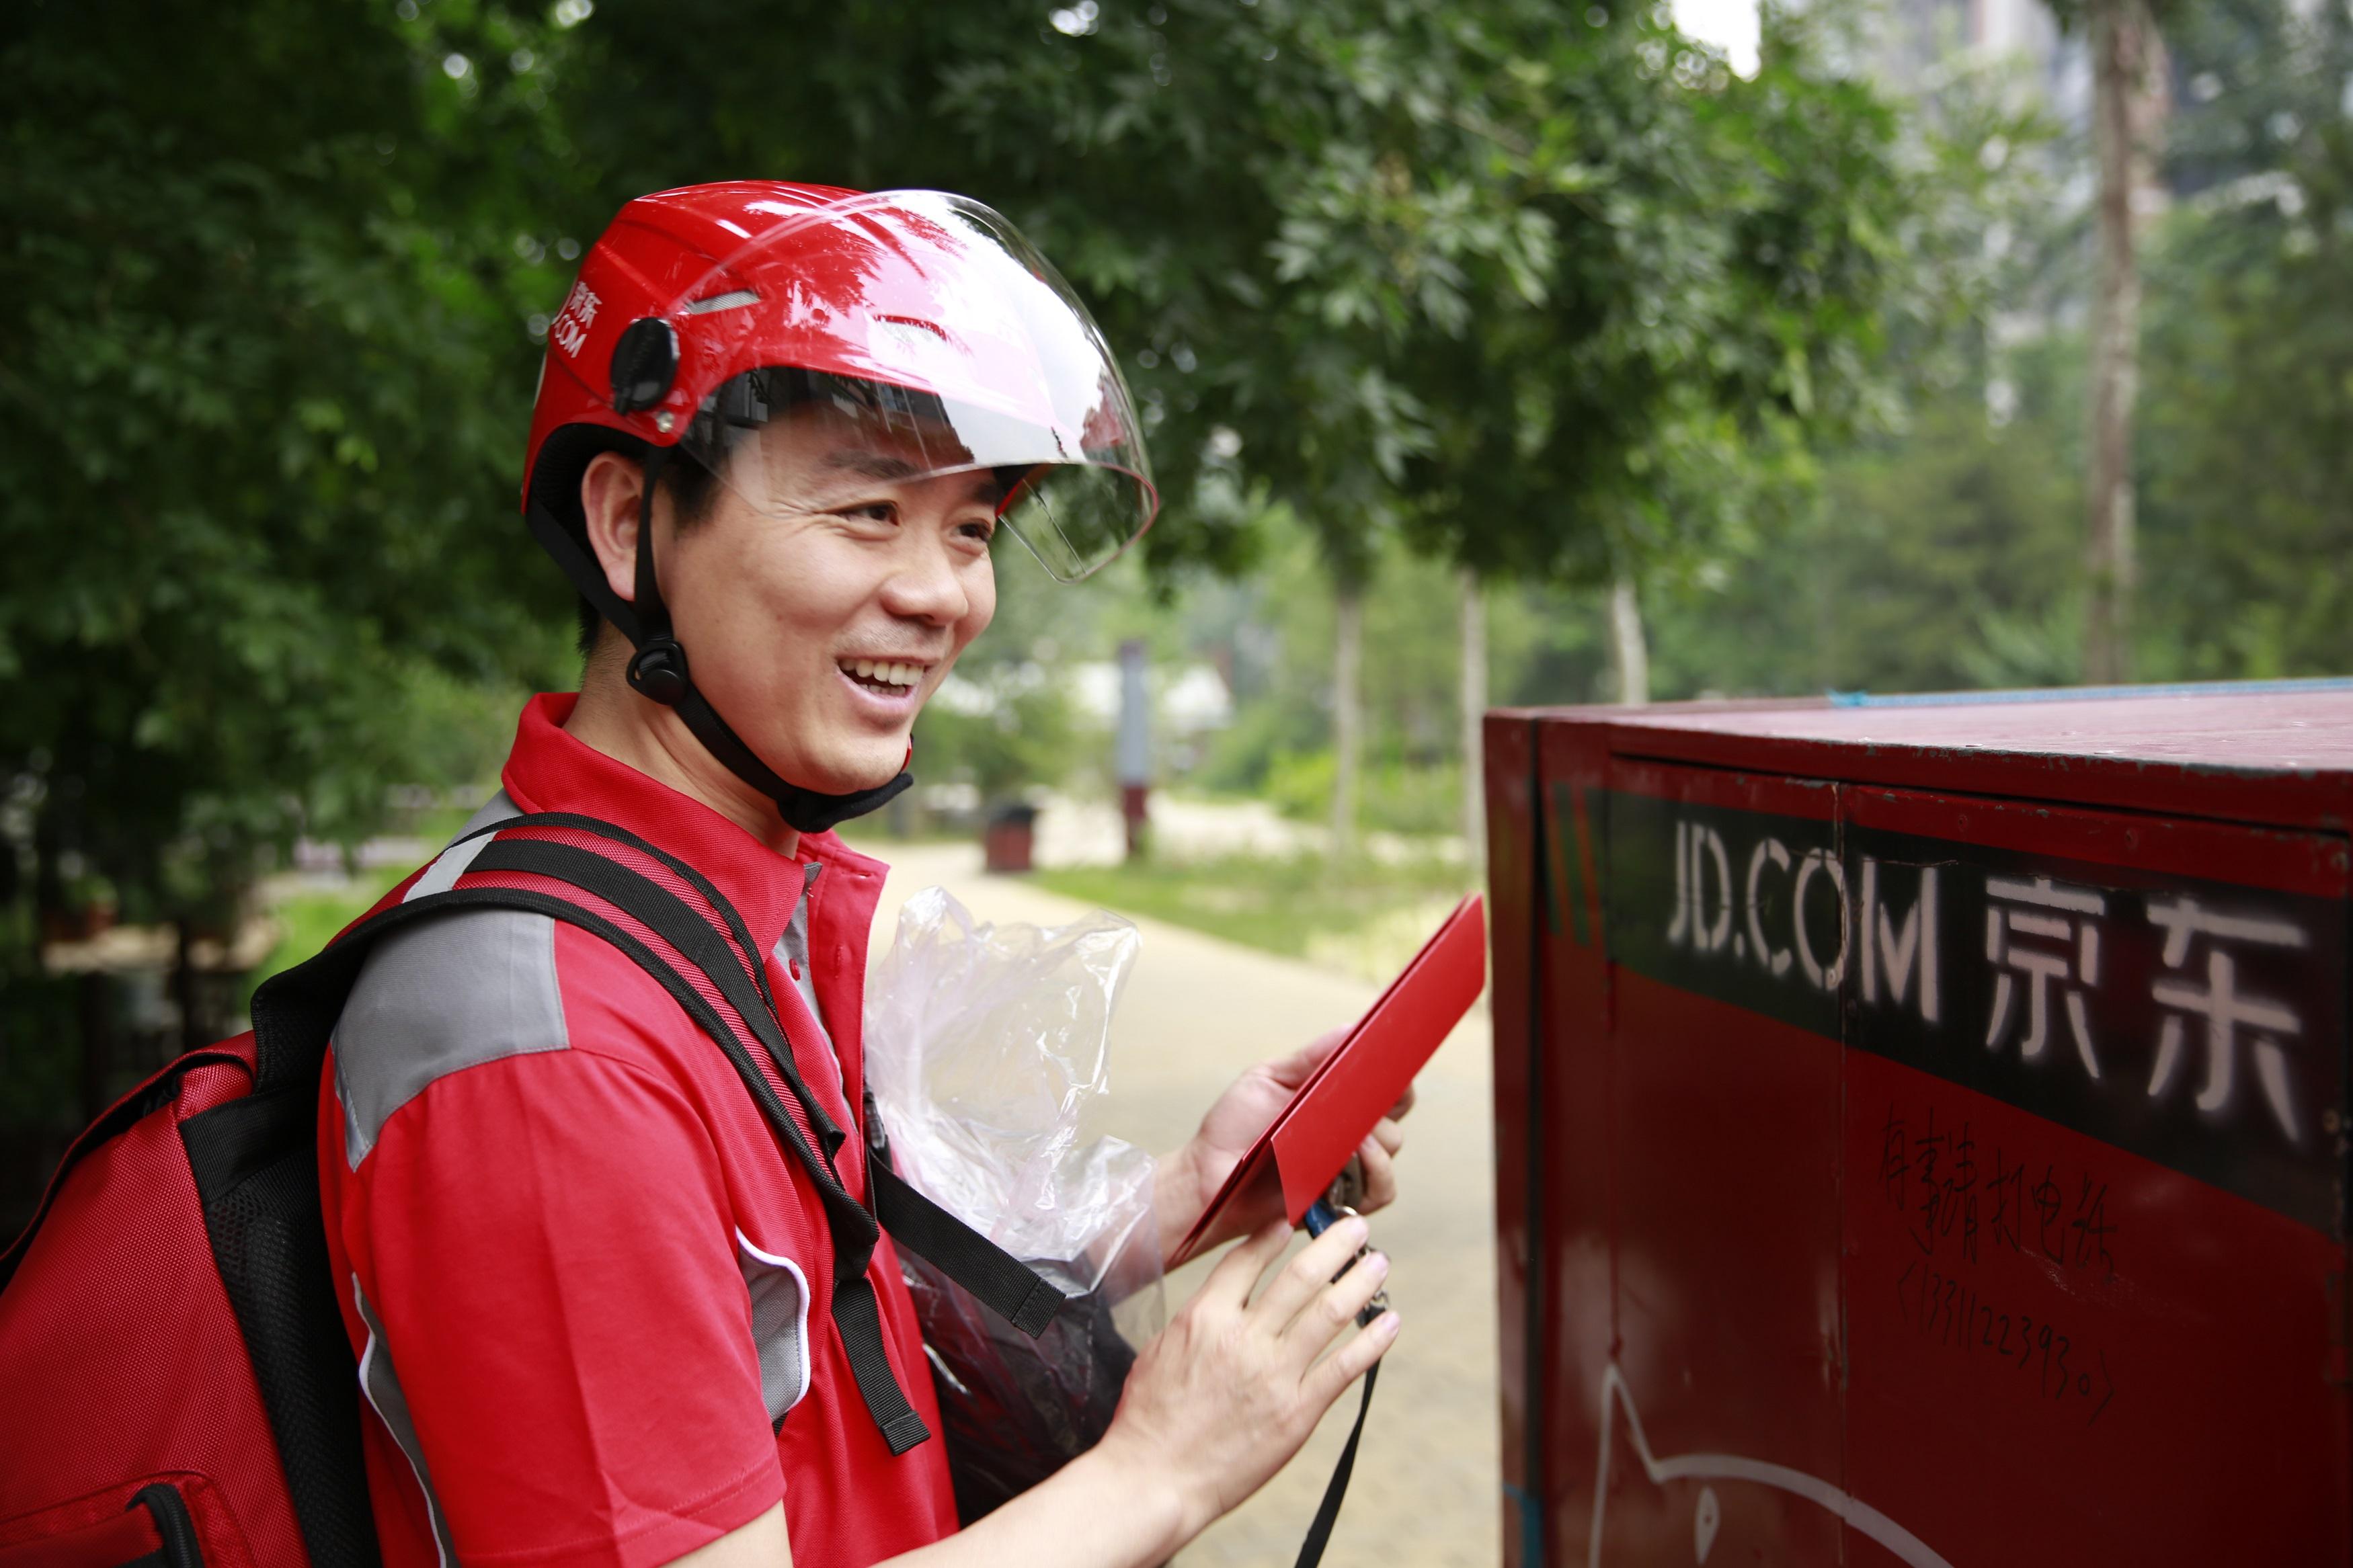 JD.com founder Richard Liu making deliveries.